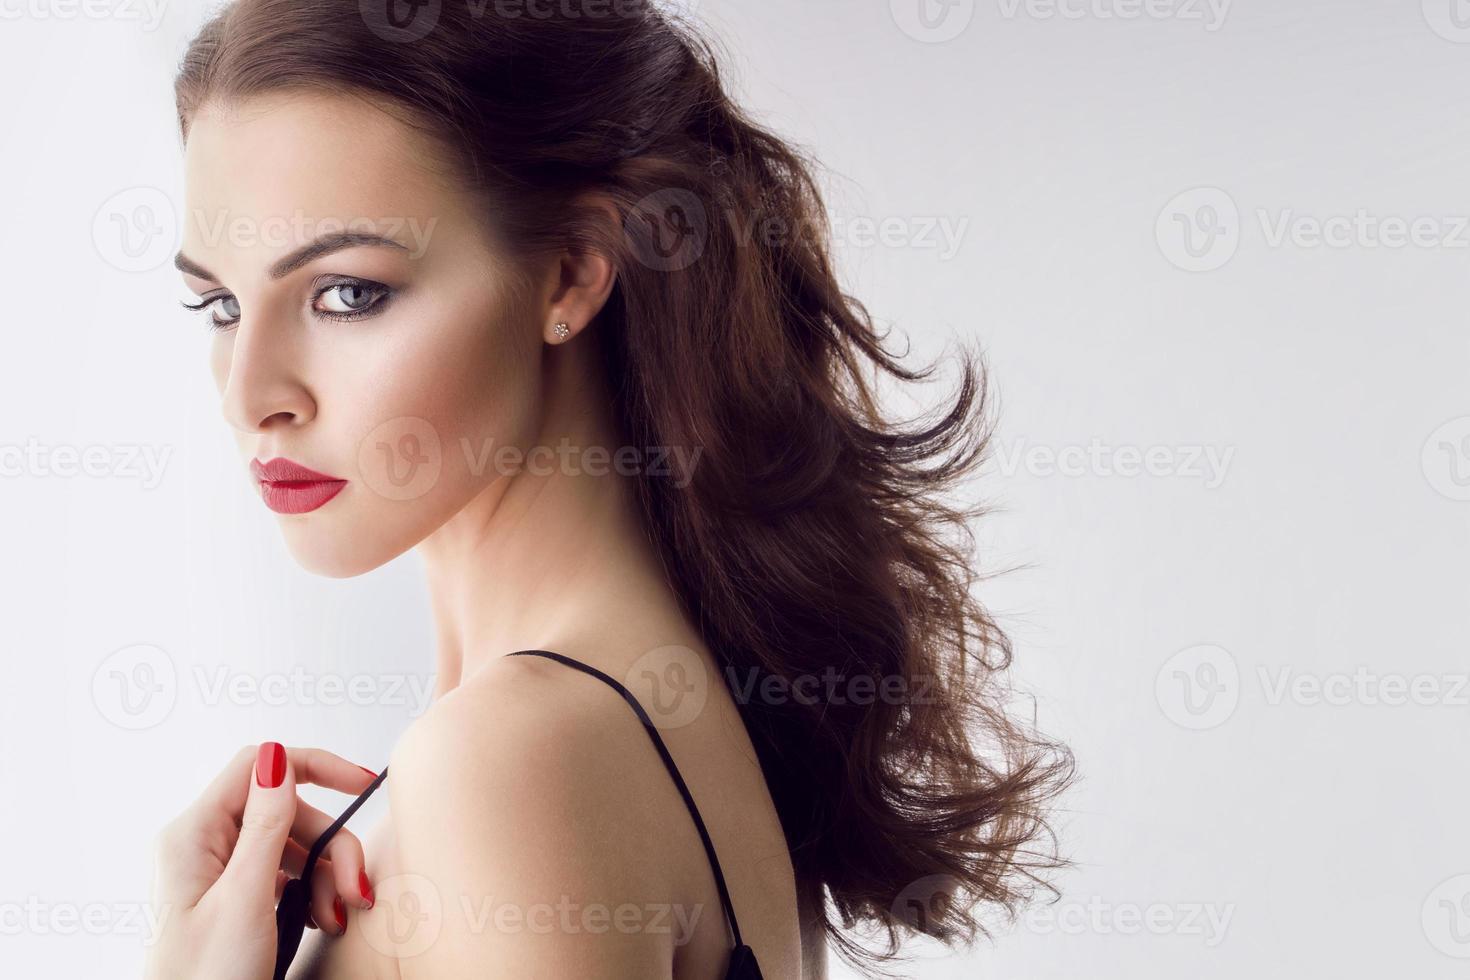 elegante bellezza caucasica foto